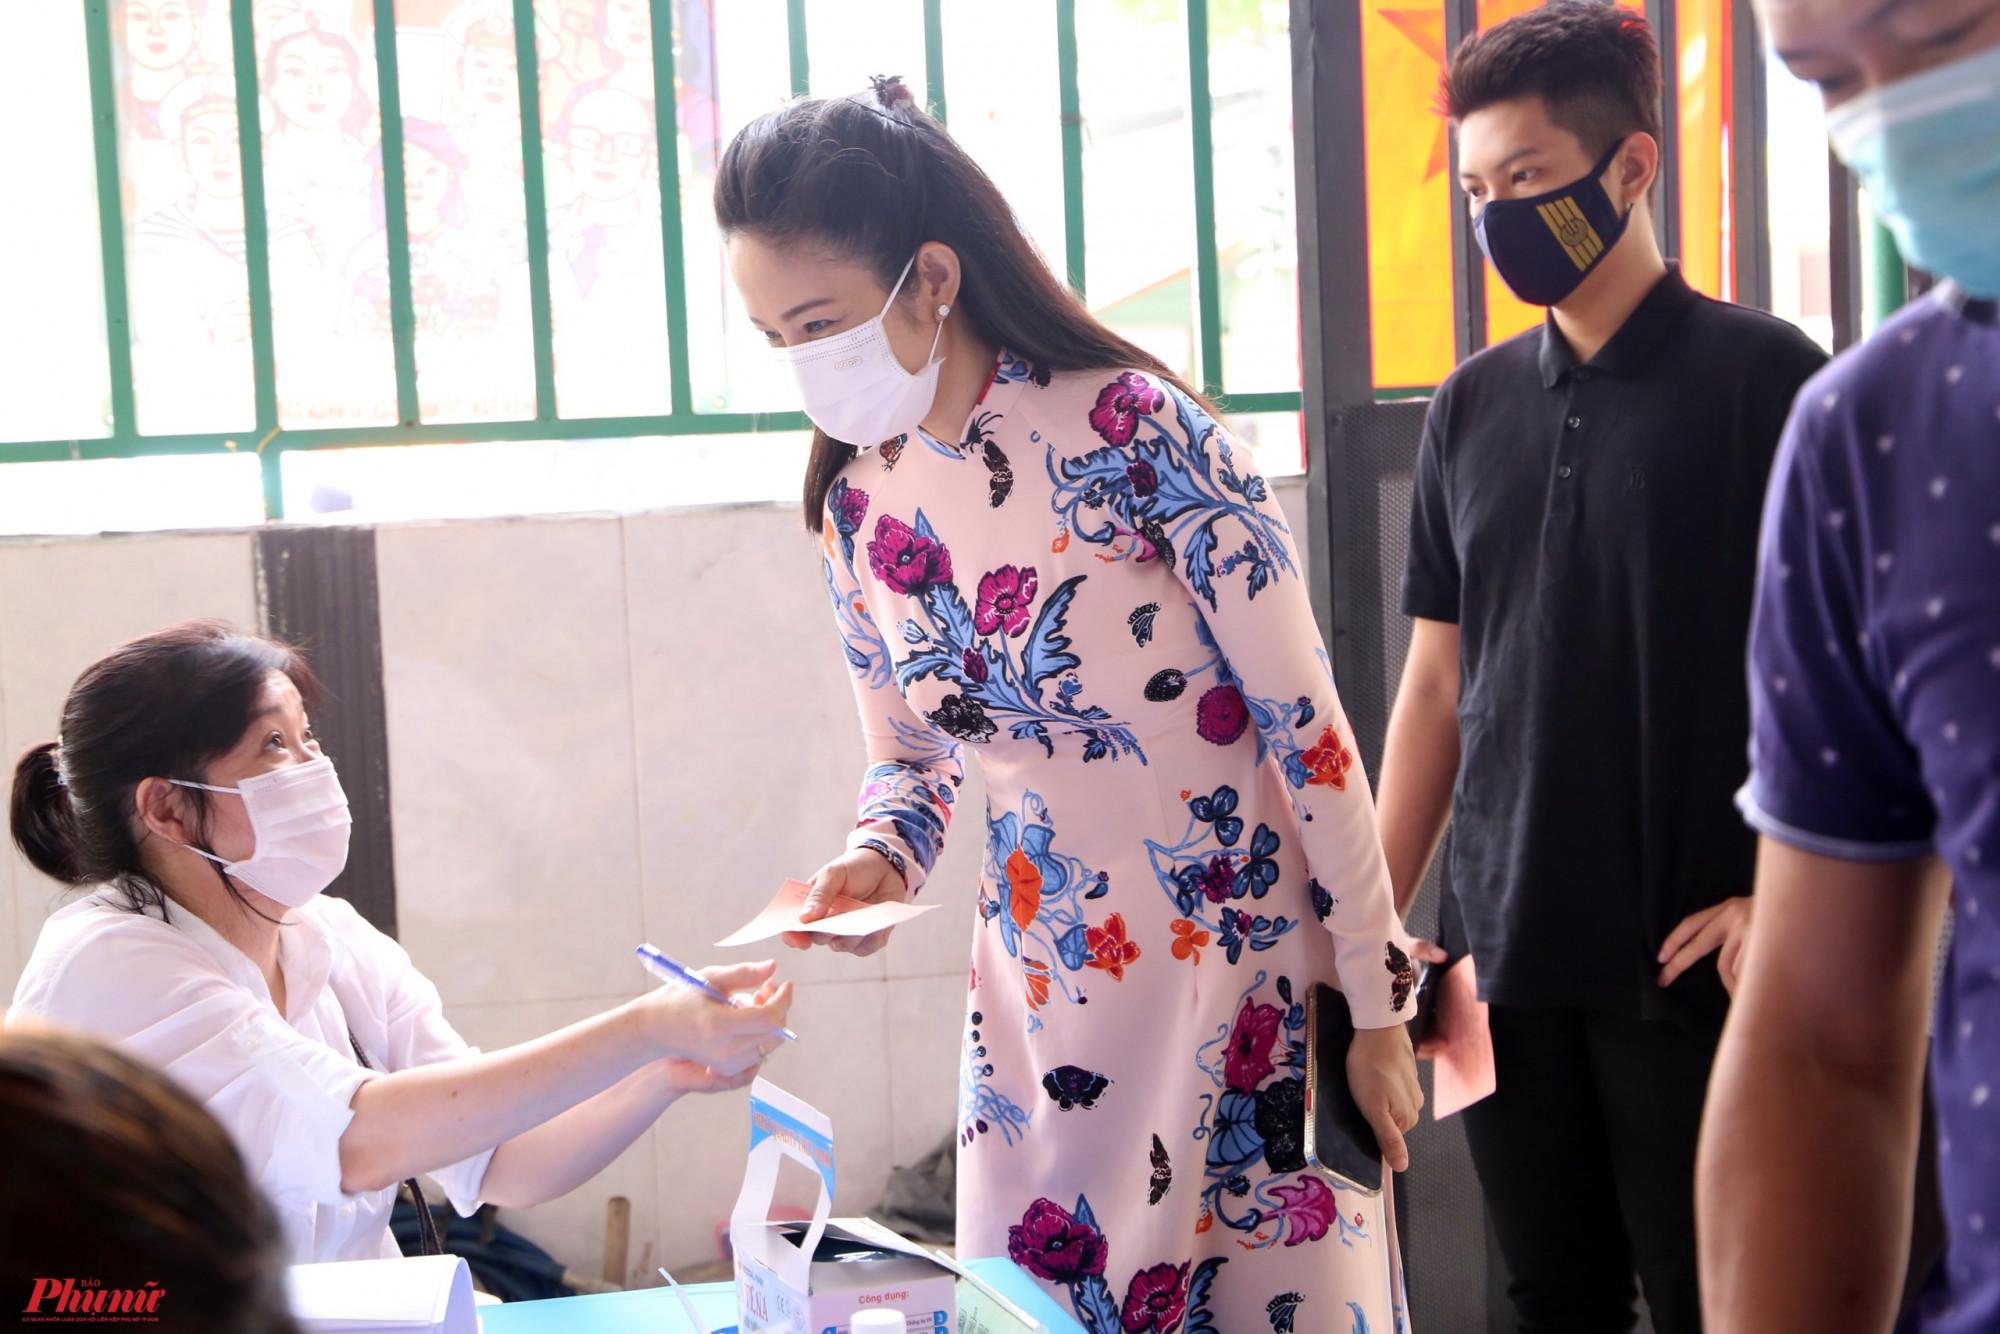 Nữ nghệ sĩ được cán bộ địa phương kiểm tra thân nhiệt, kiểm tra các thông tin cần thiết trước khi bỏ phiếu bầu cử.